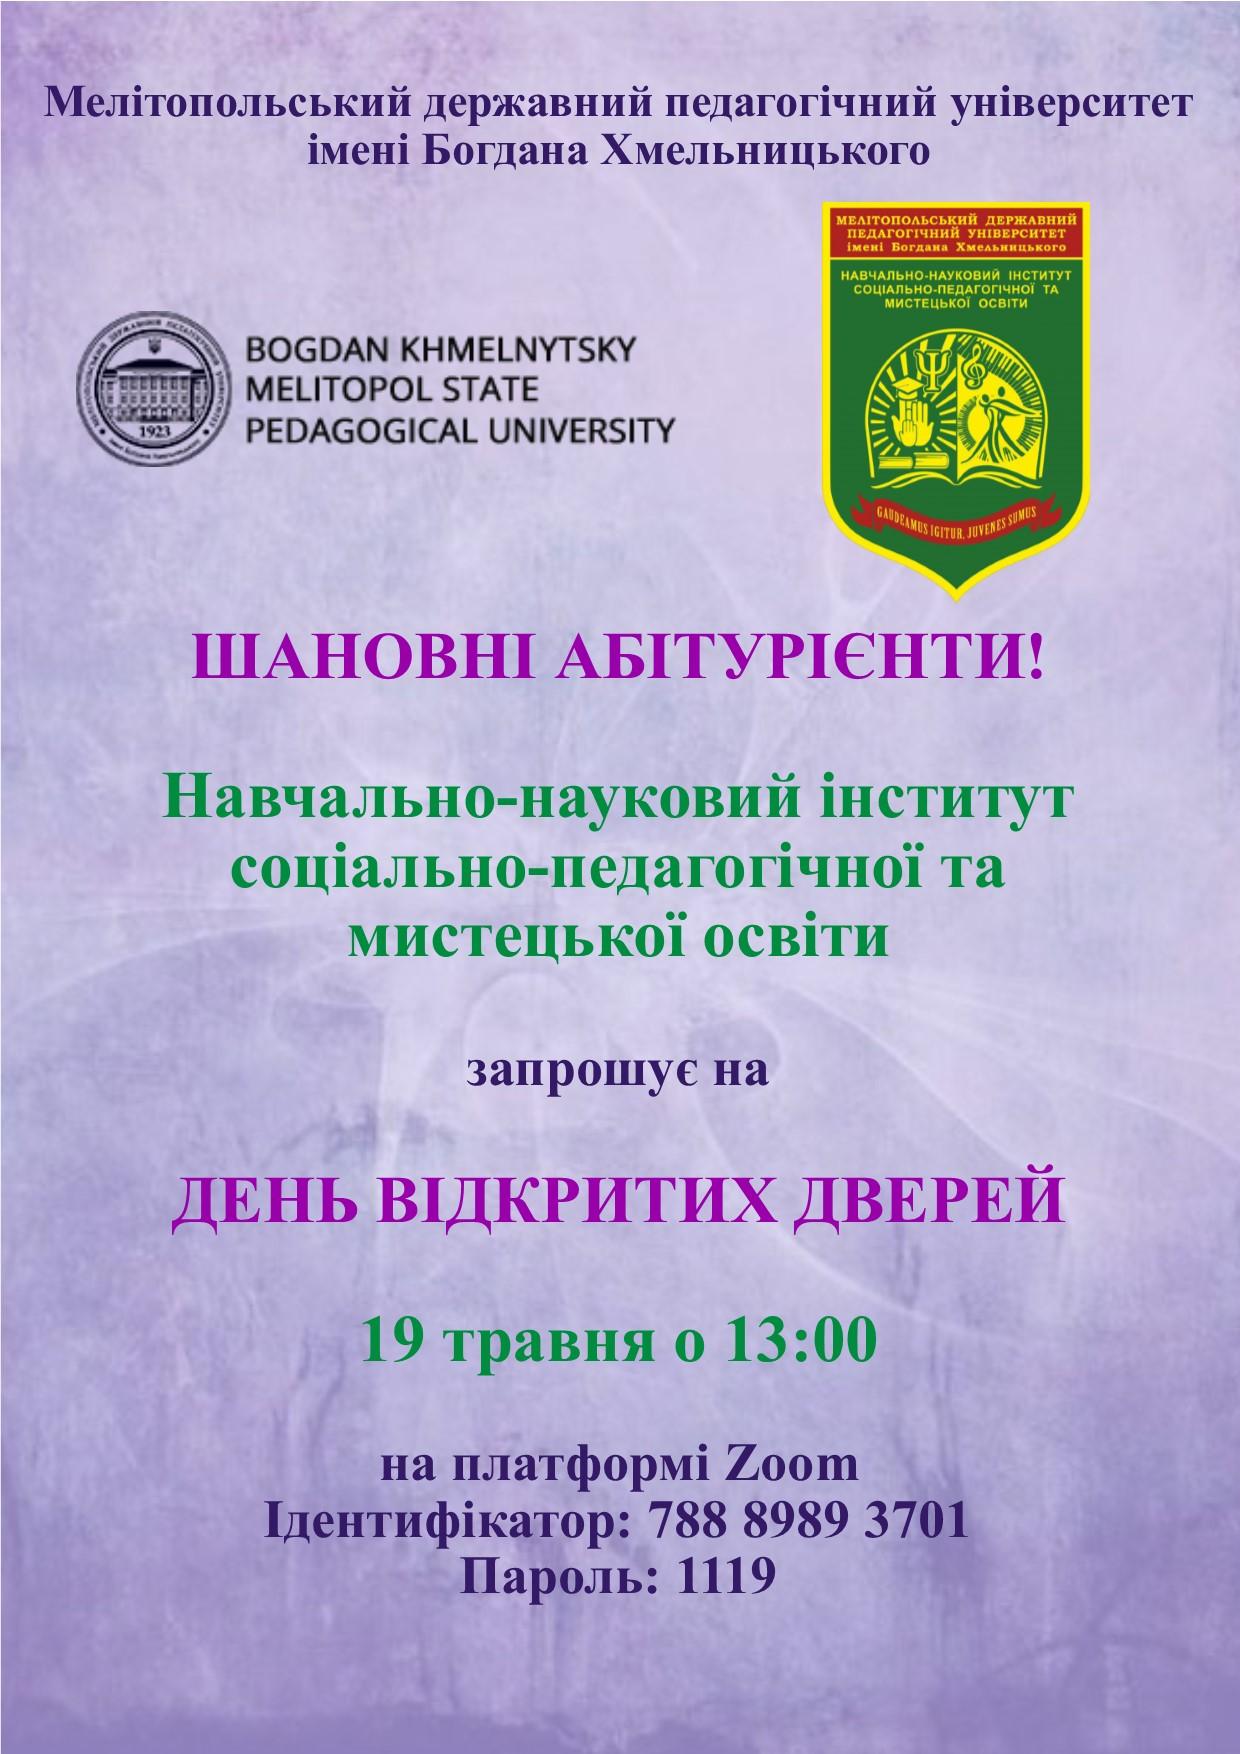 Навчально-науковий інститут соціально-педагогічної та мистецької освіти запрошує на день відкритих дверей!